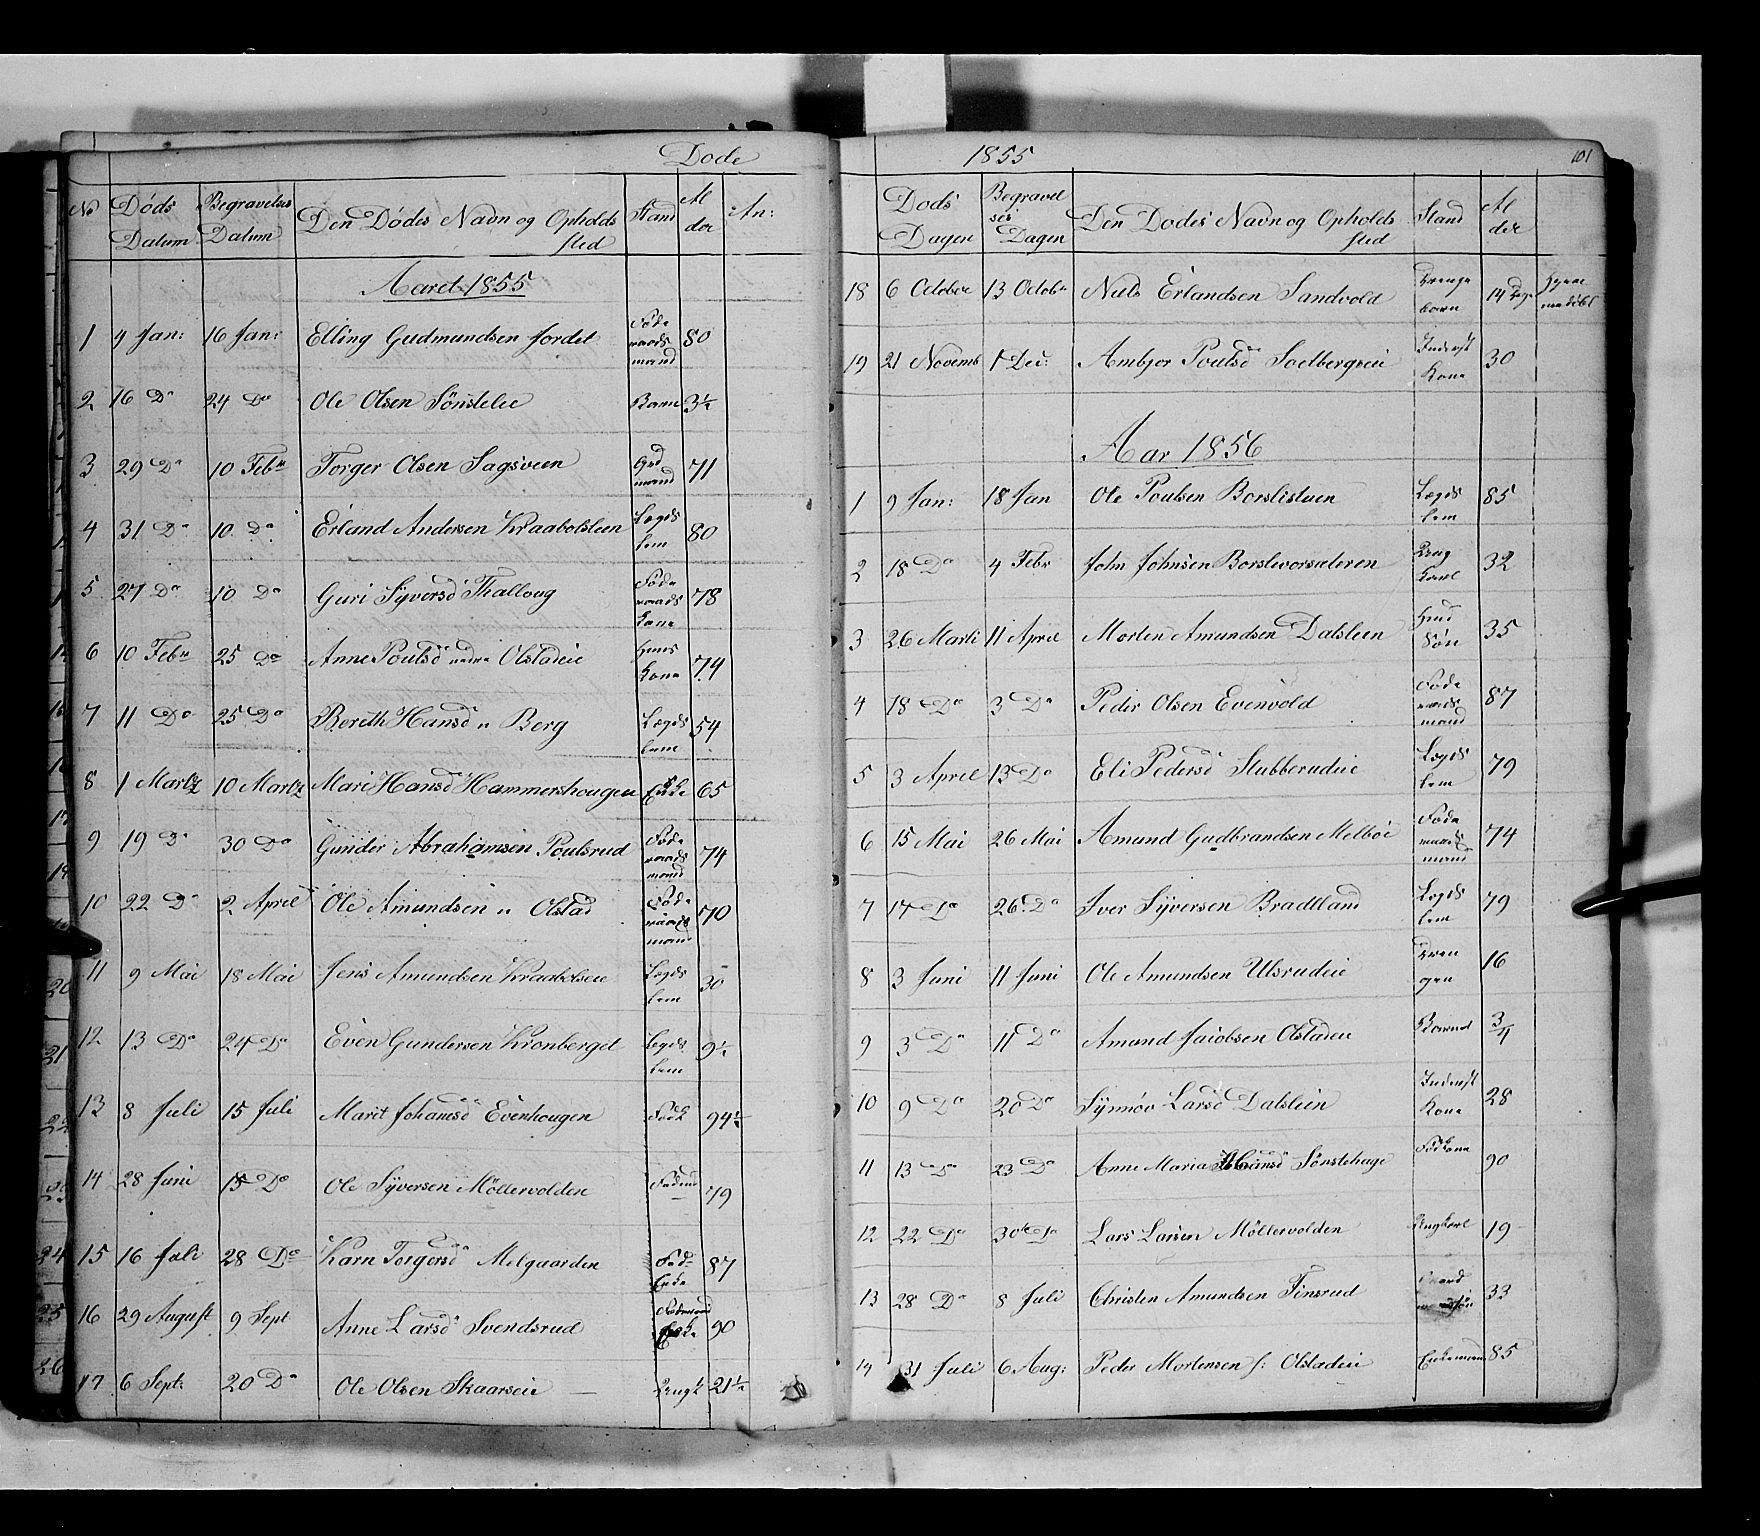 SAH, Gausdal prestekontor, Klokkerbok nr. 5, 1846-1867, s. 101